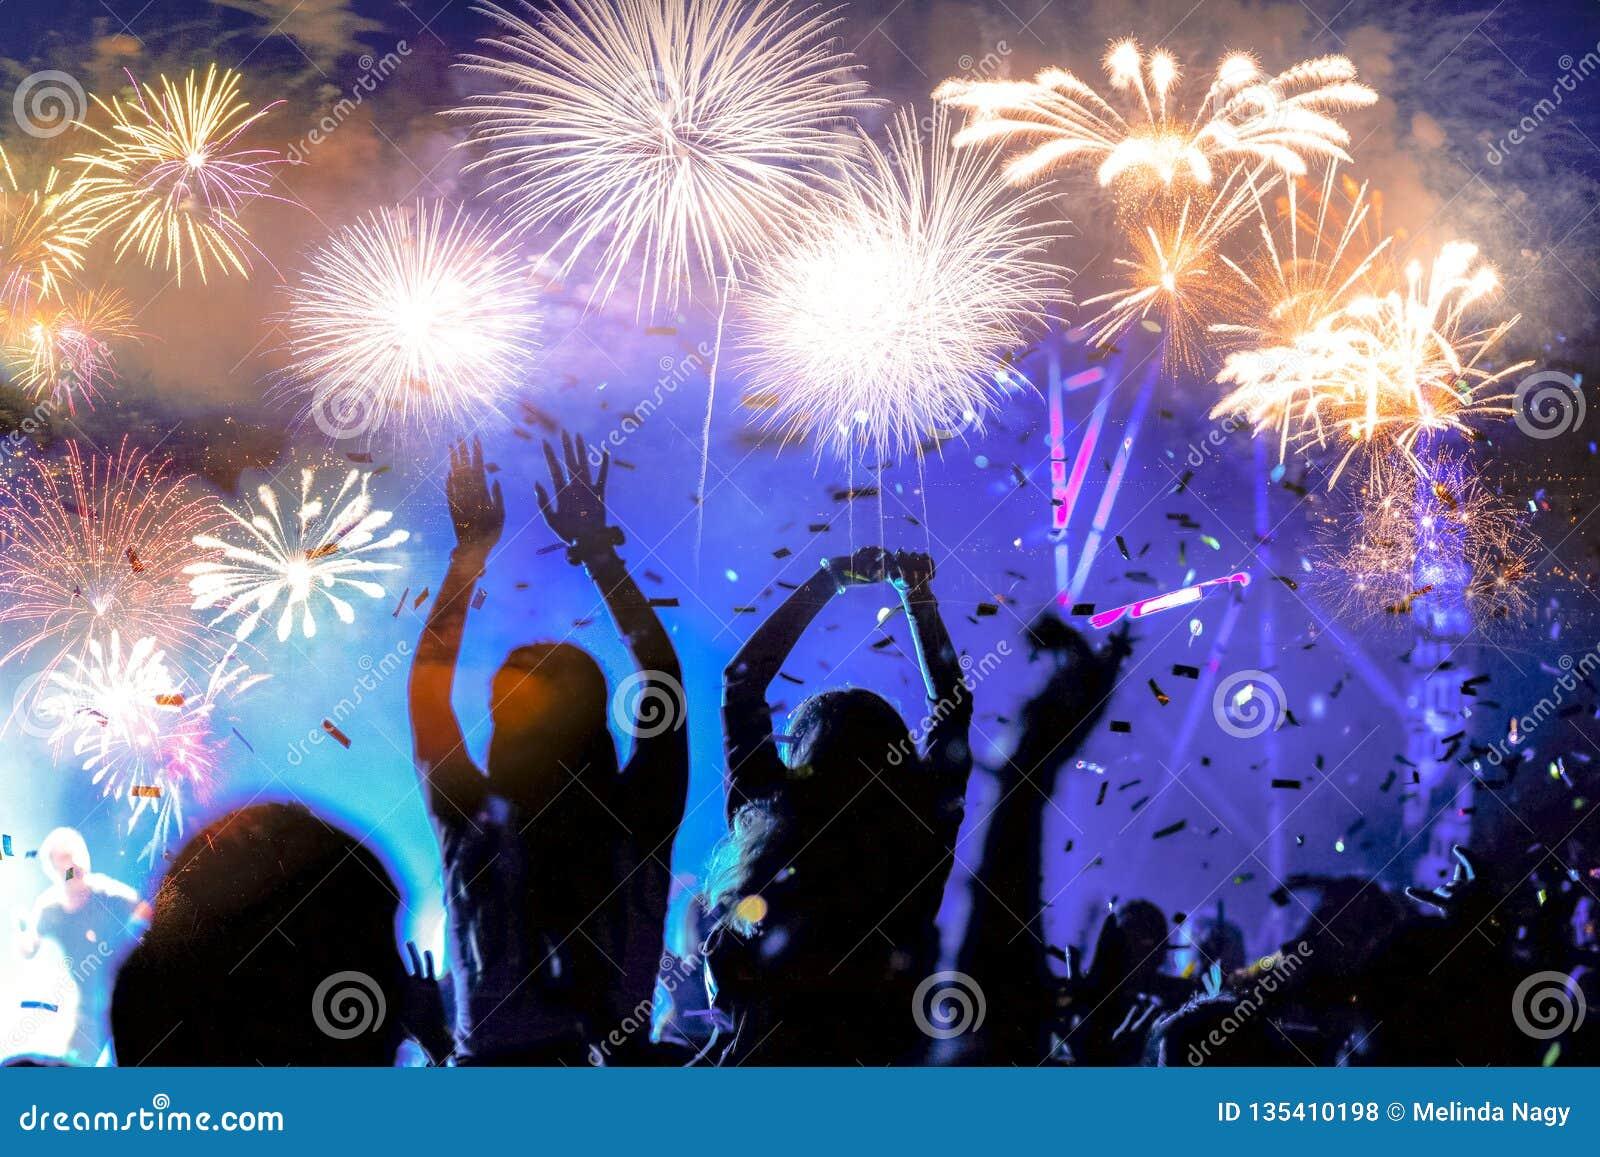 Fuegos artificiales de observación de la muchedumbre - fondo abstracto del día de fiesta de las celebraciones del Año Nuevo